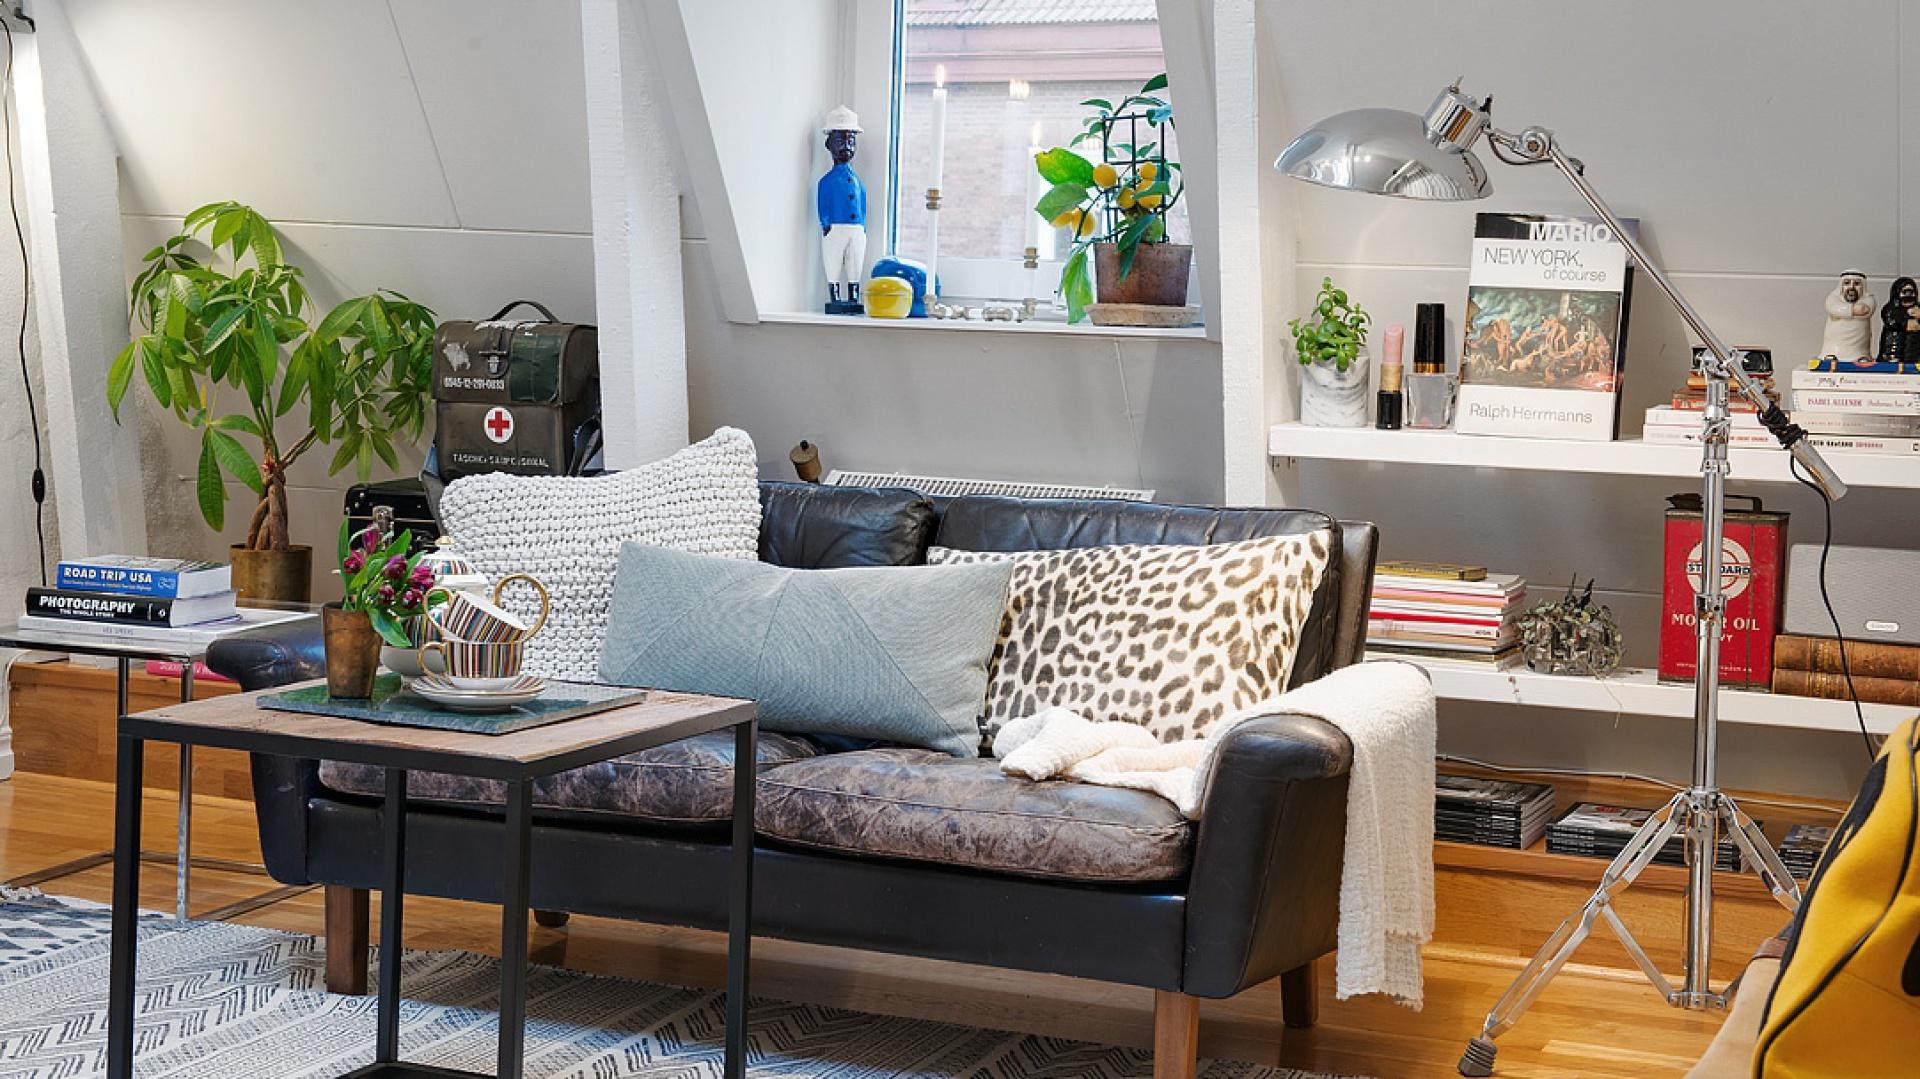 Salon stanowi bardzo przytulny kącik wypoczynkowy i nowoczesny, metalowy stolik kawowy. Różnobarwne, wzorzyste tekstylia nadają przestrzeni domowego klimatu, a lampa stojąca nawiązuje do stylistyki loftowej. Fot. Alvhem Makleri.